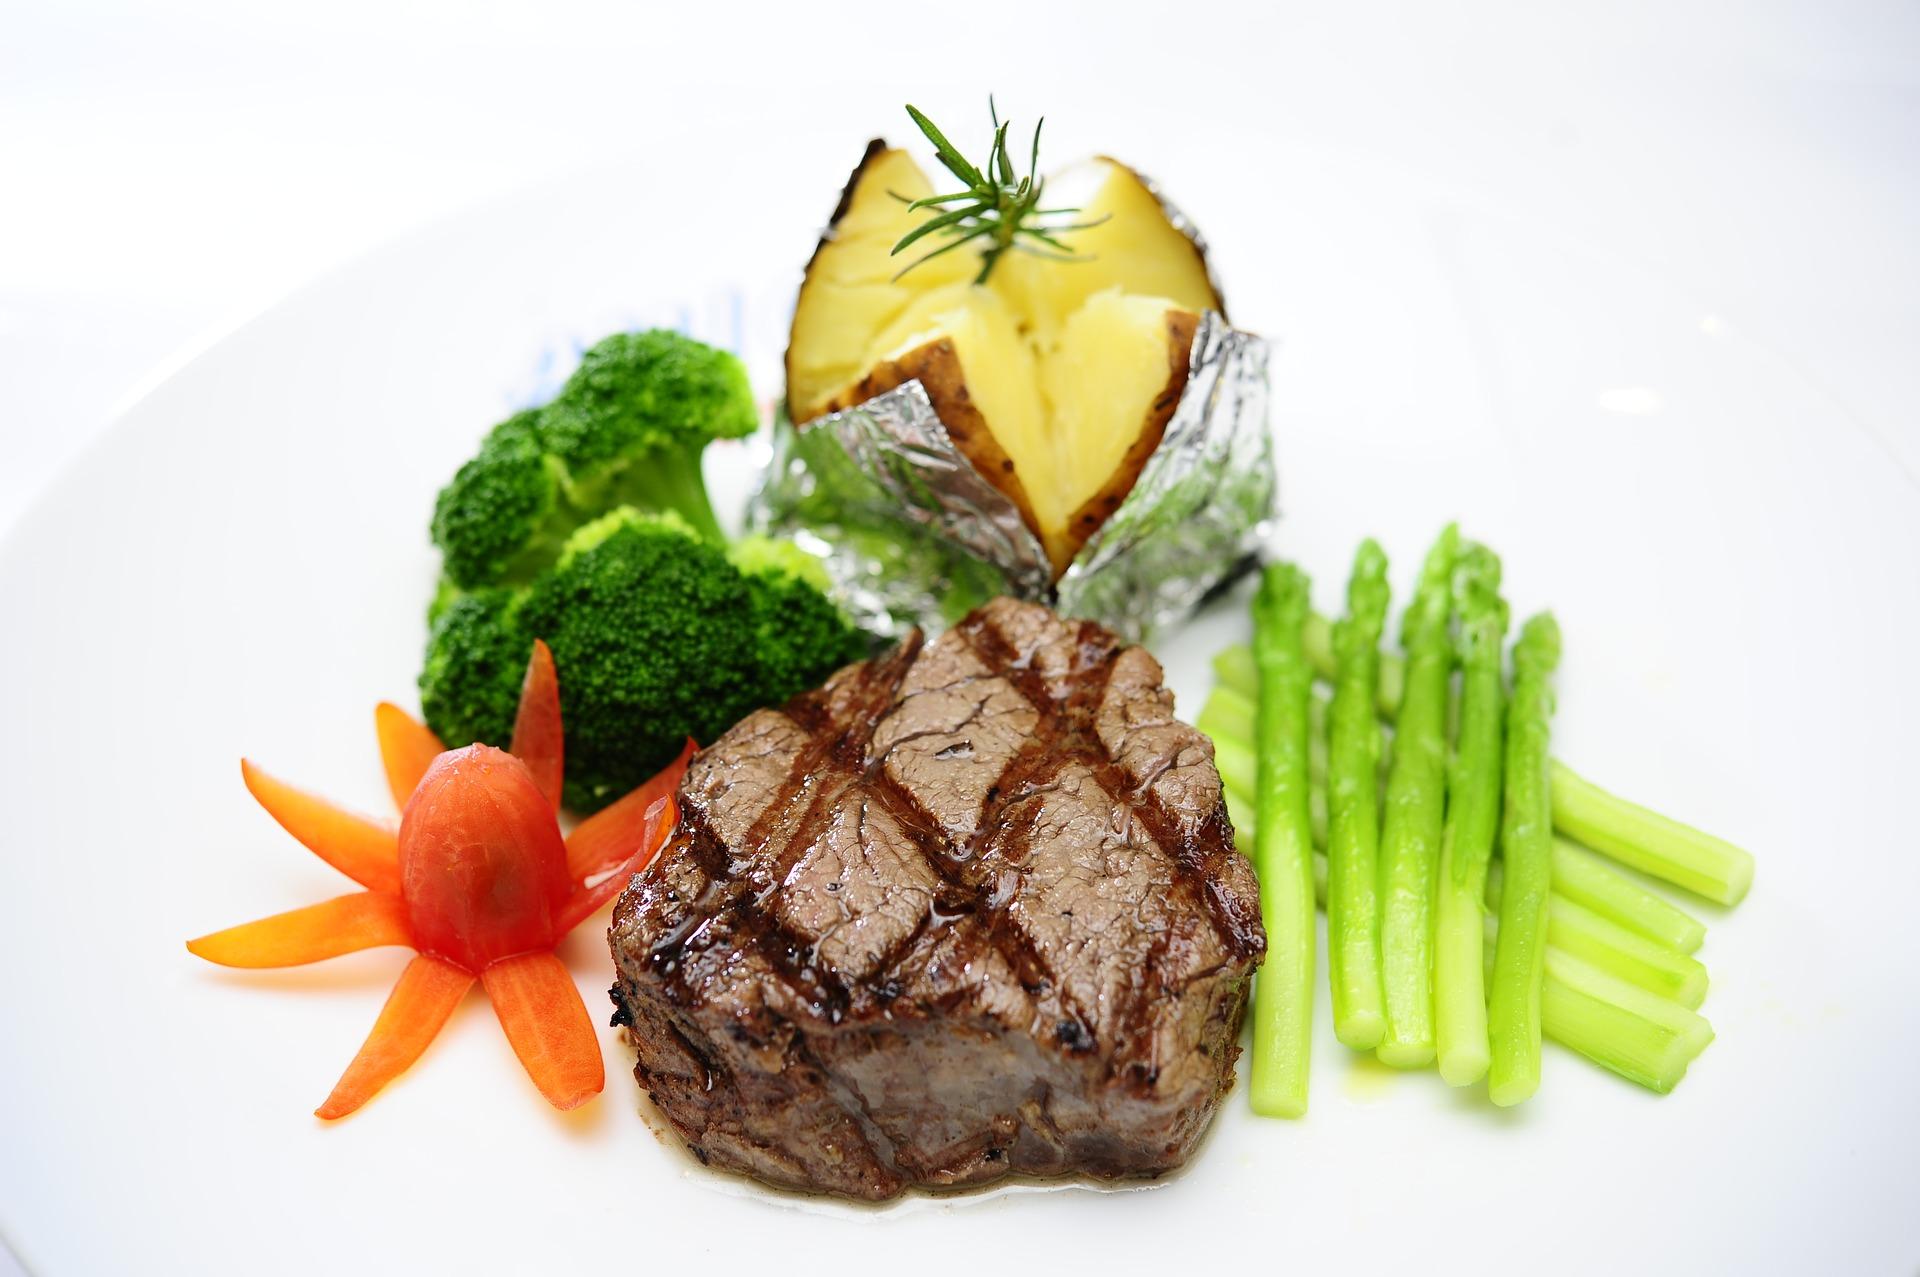 steak_dinner_food_healthy living